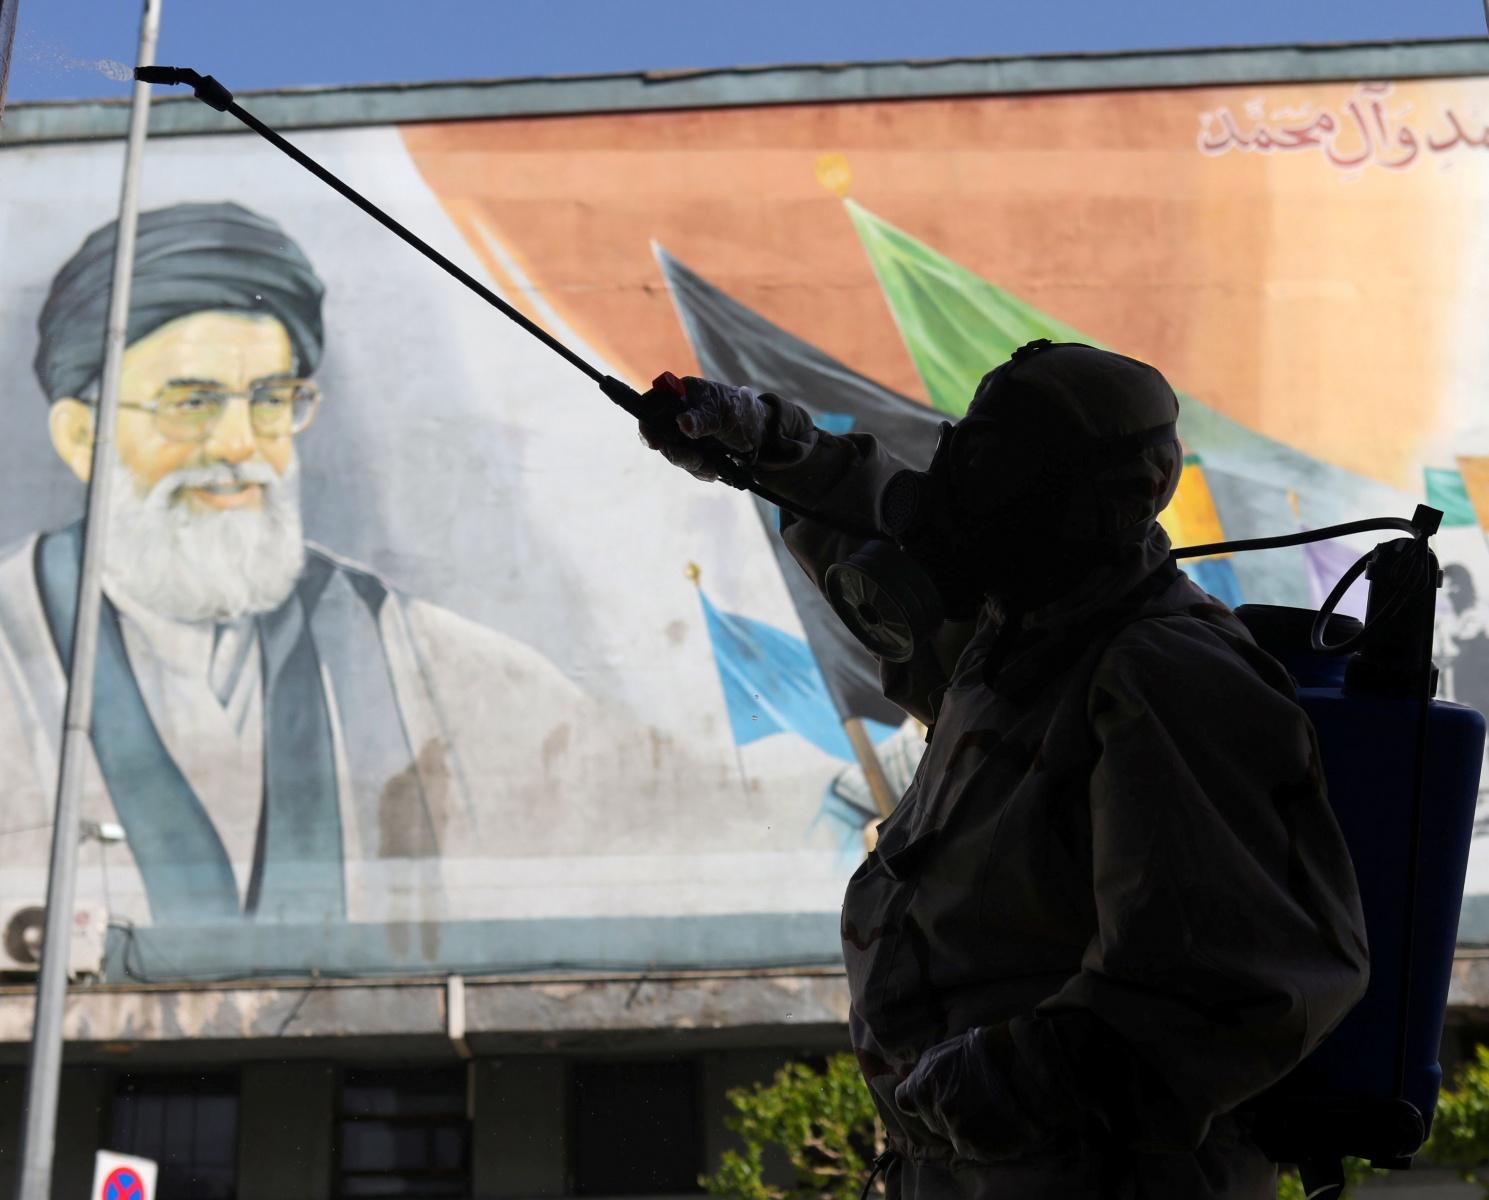 Coronavirus Detector: Iran's Bomb Detector-Like Machine Said to Locate Virus in 5 Seconds